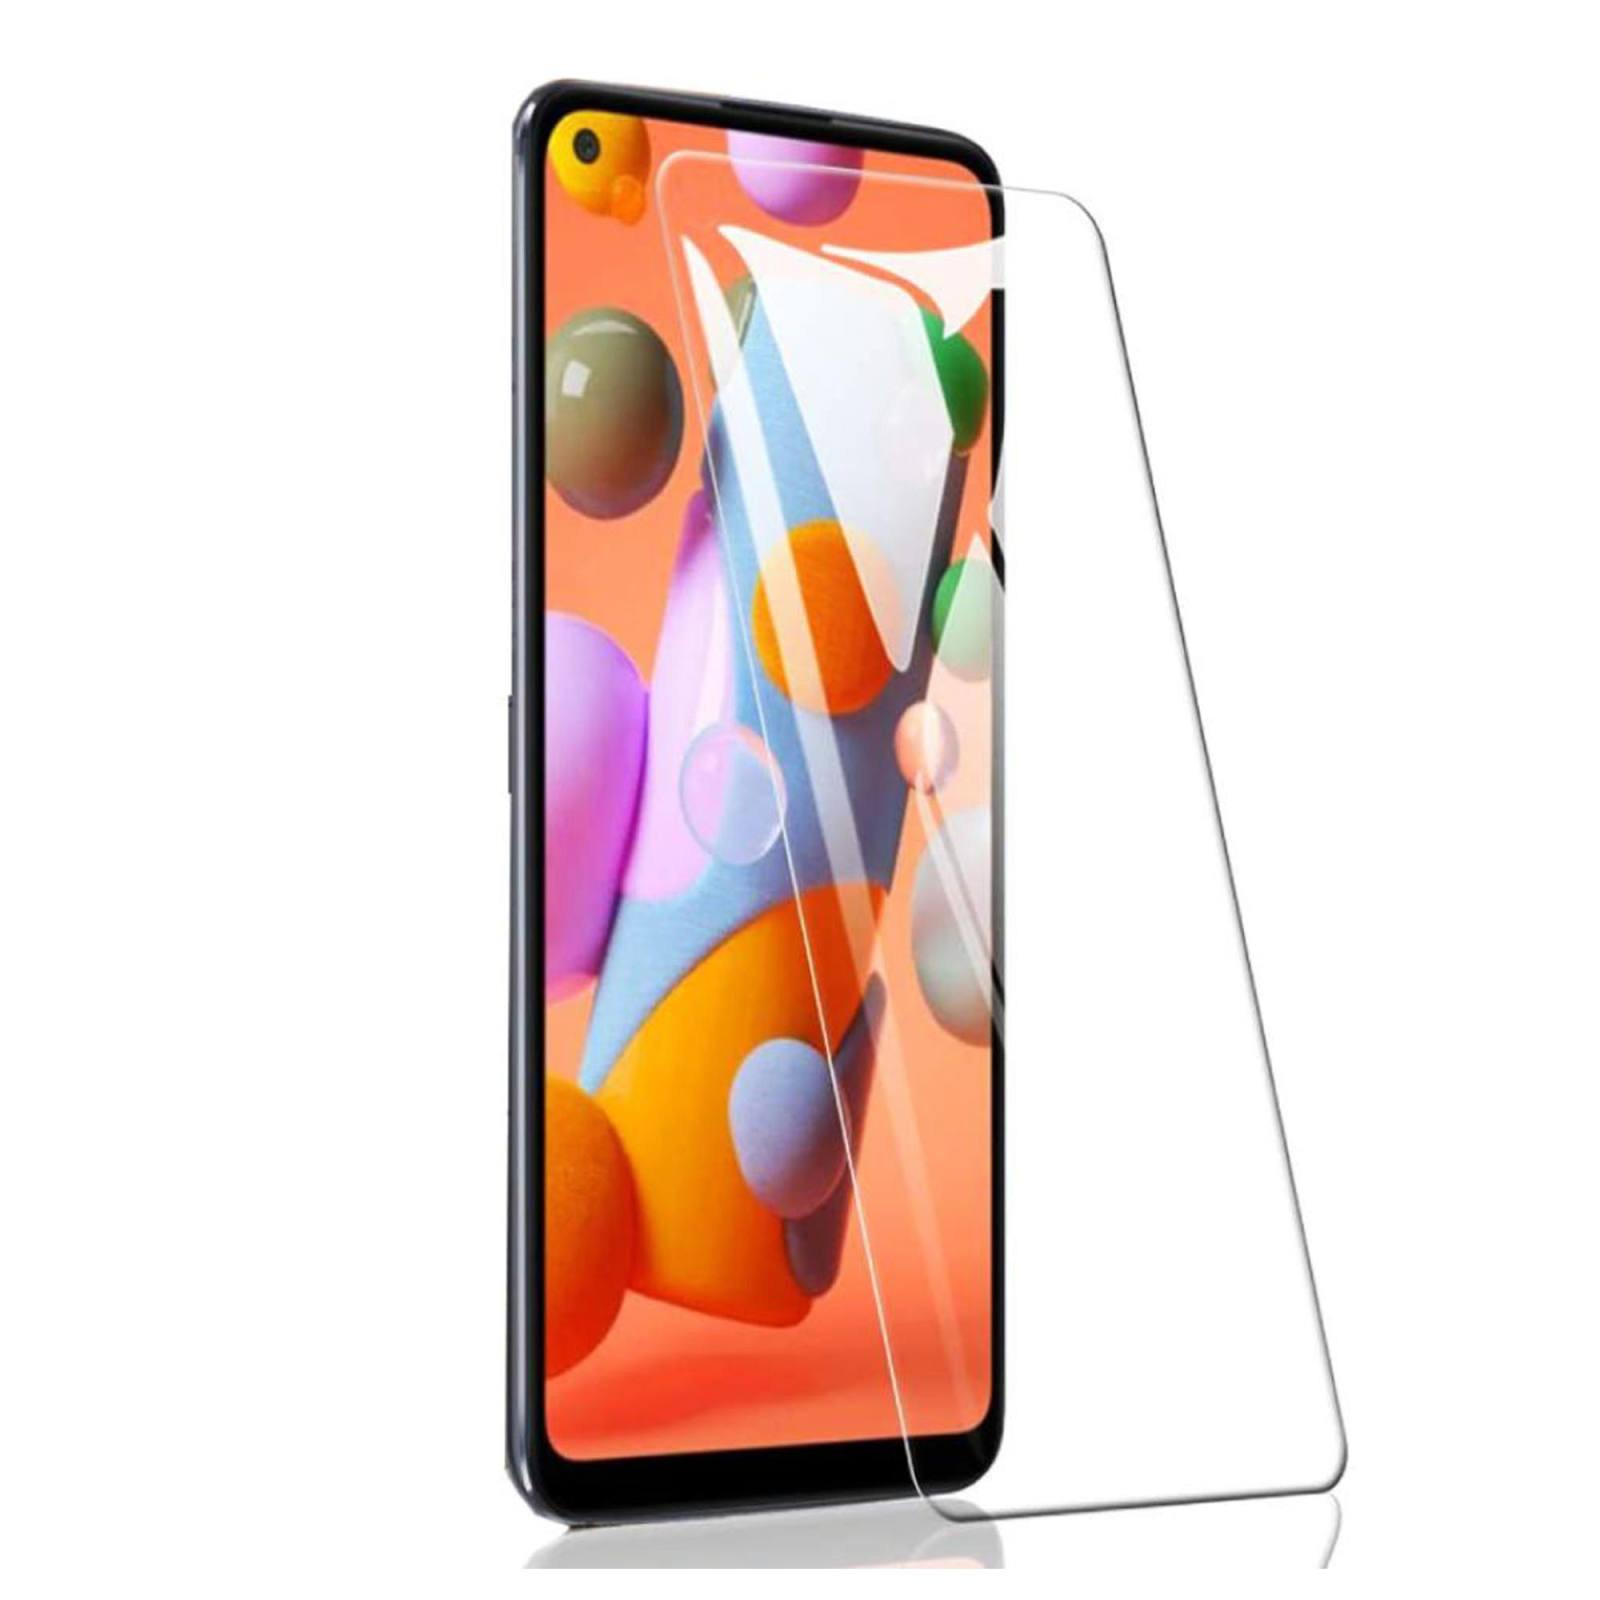 محافظ صفحه نمایش سرامیکی کوالا مدل CER-CL مناسب برای گوشی موبایل سامسونگ Galaxy A11 / M11 main 1 4